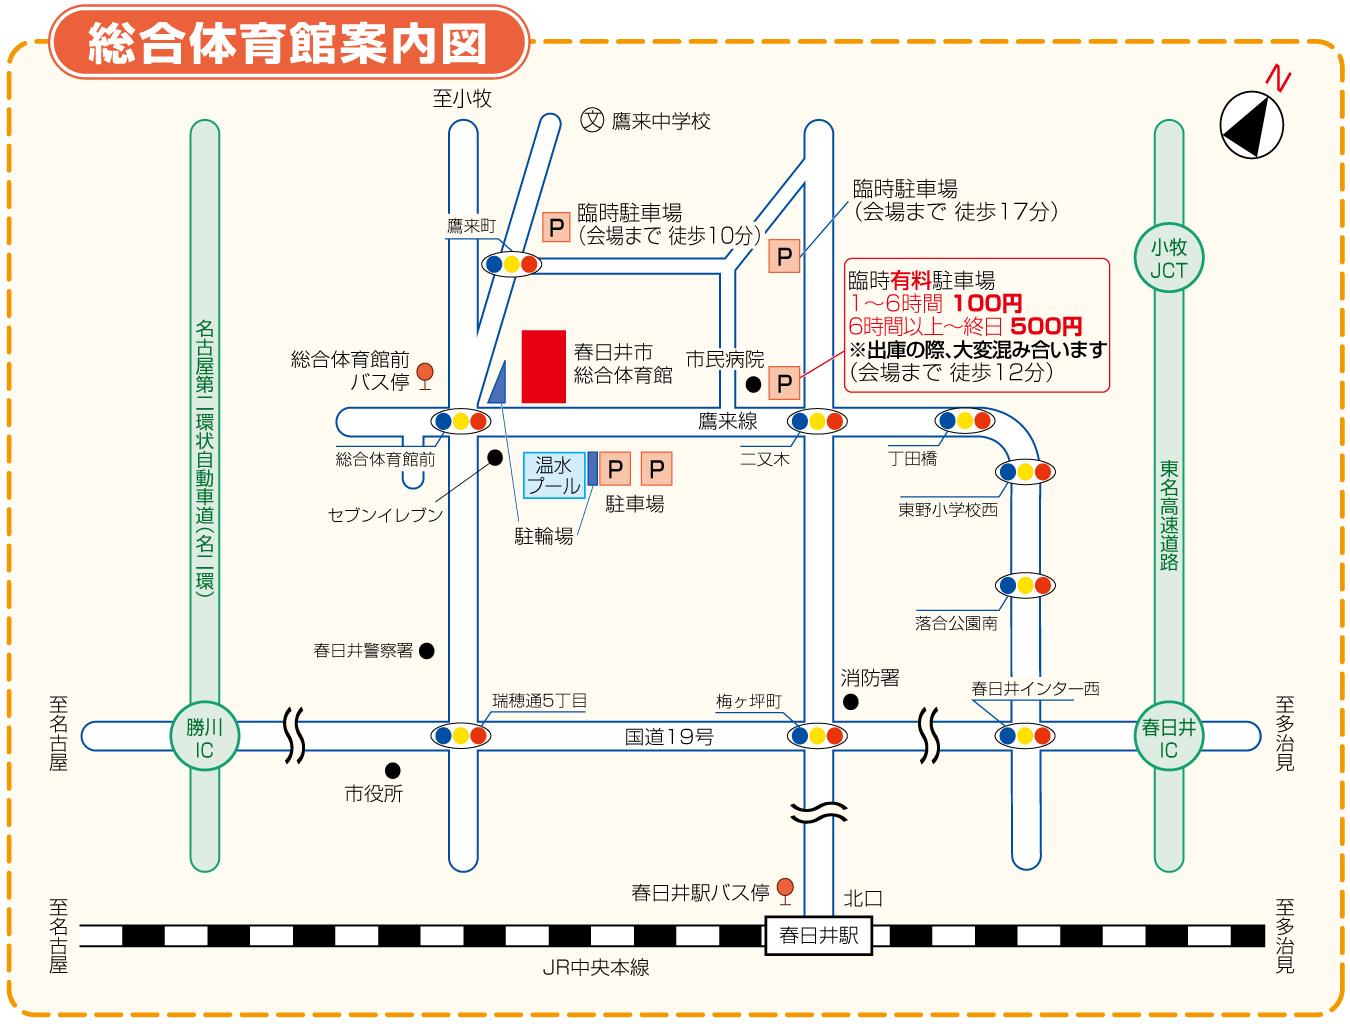 a10c1ff35049 コース&アクセス | 第37回新春春日井マラソン 【公式】